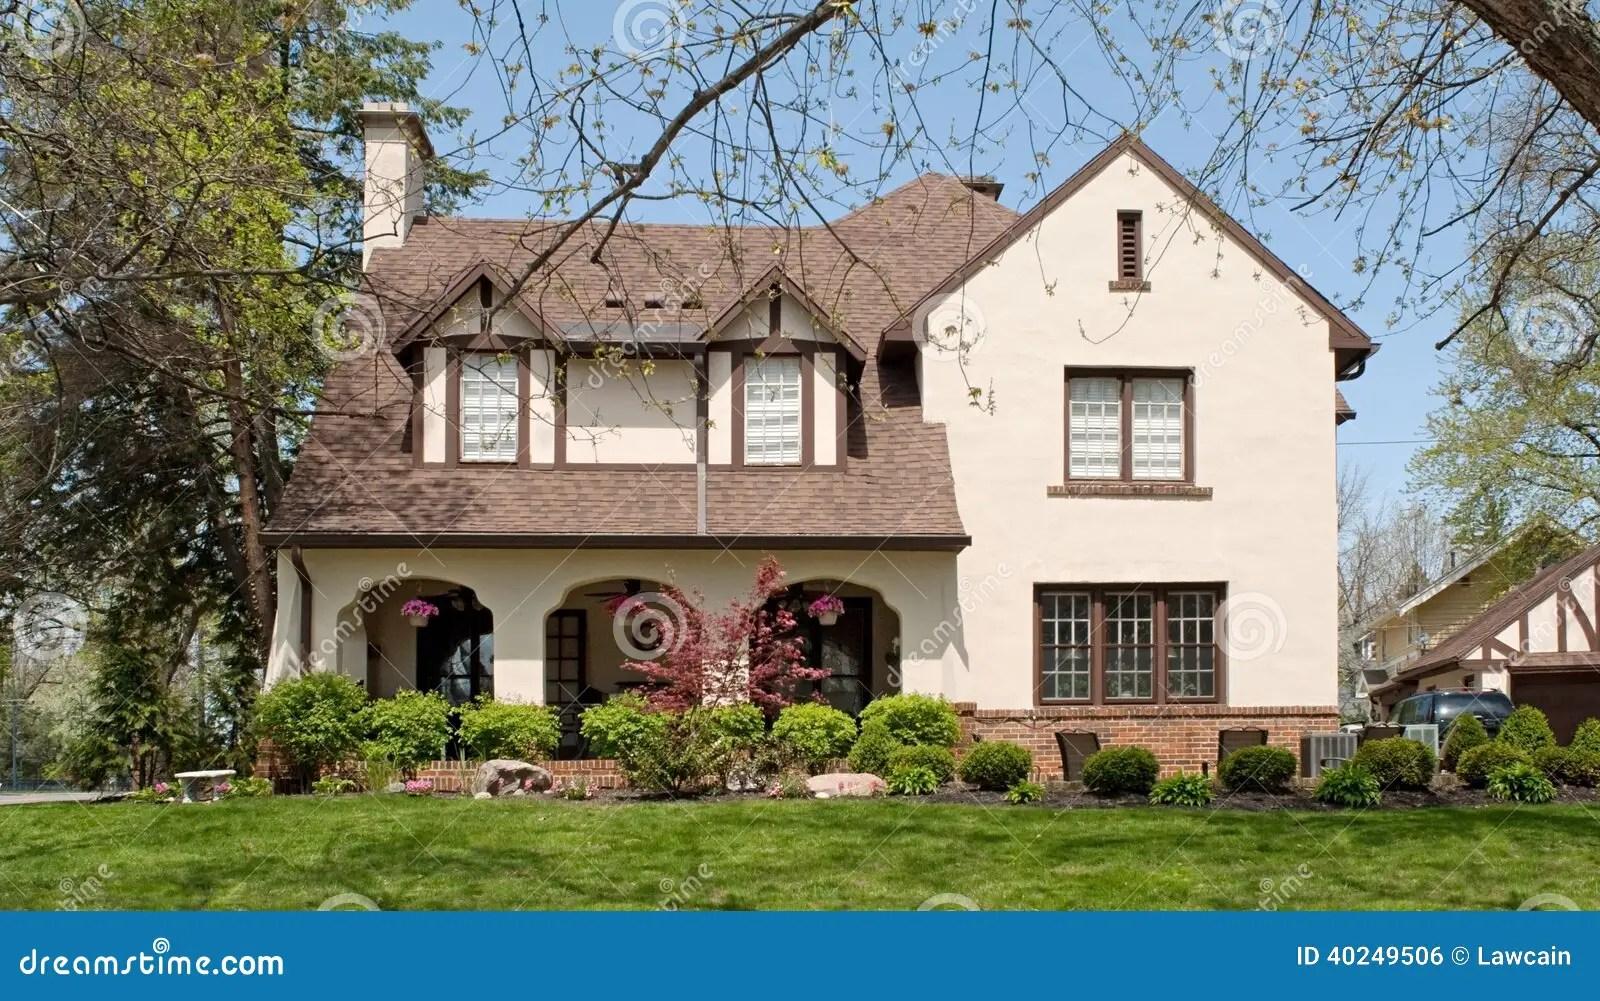 english tudor style home stock photo image english tudor style house plans